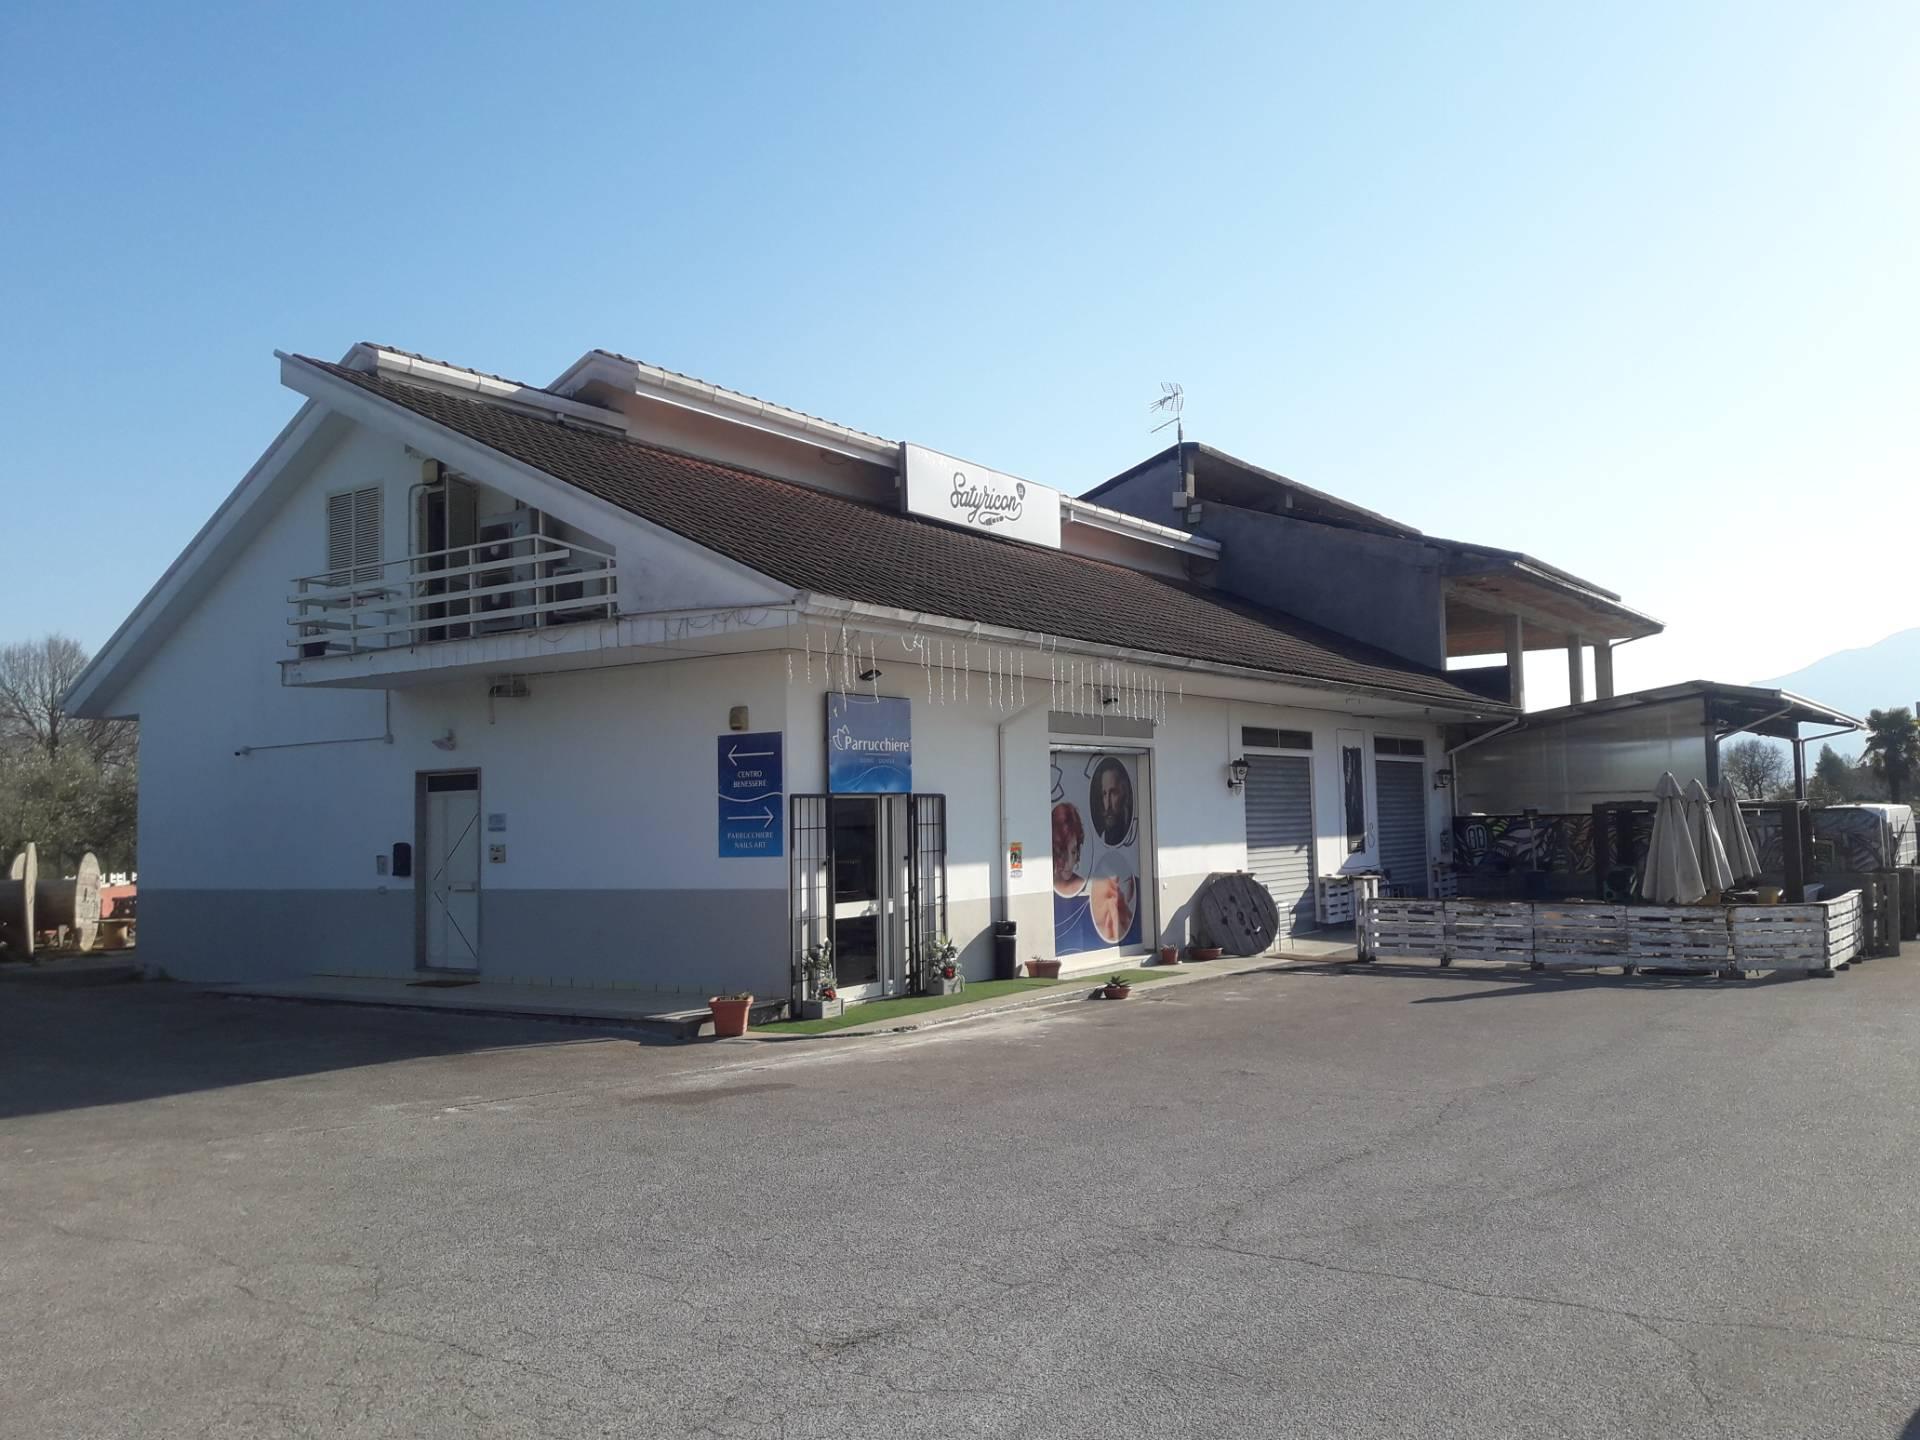 Negozio / Locale in vendita a Alatri, 5 locali, Trattative riservate | CambioCasa.it